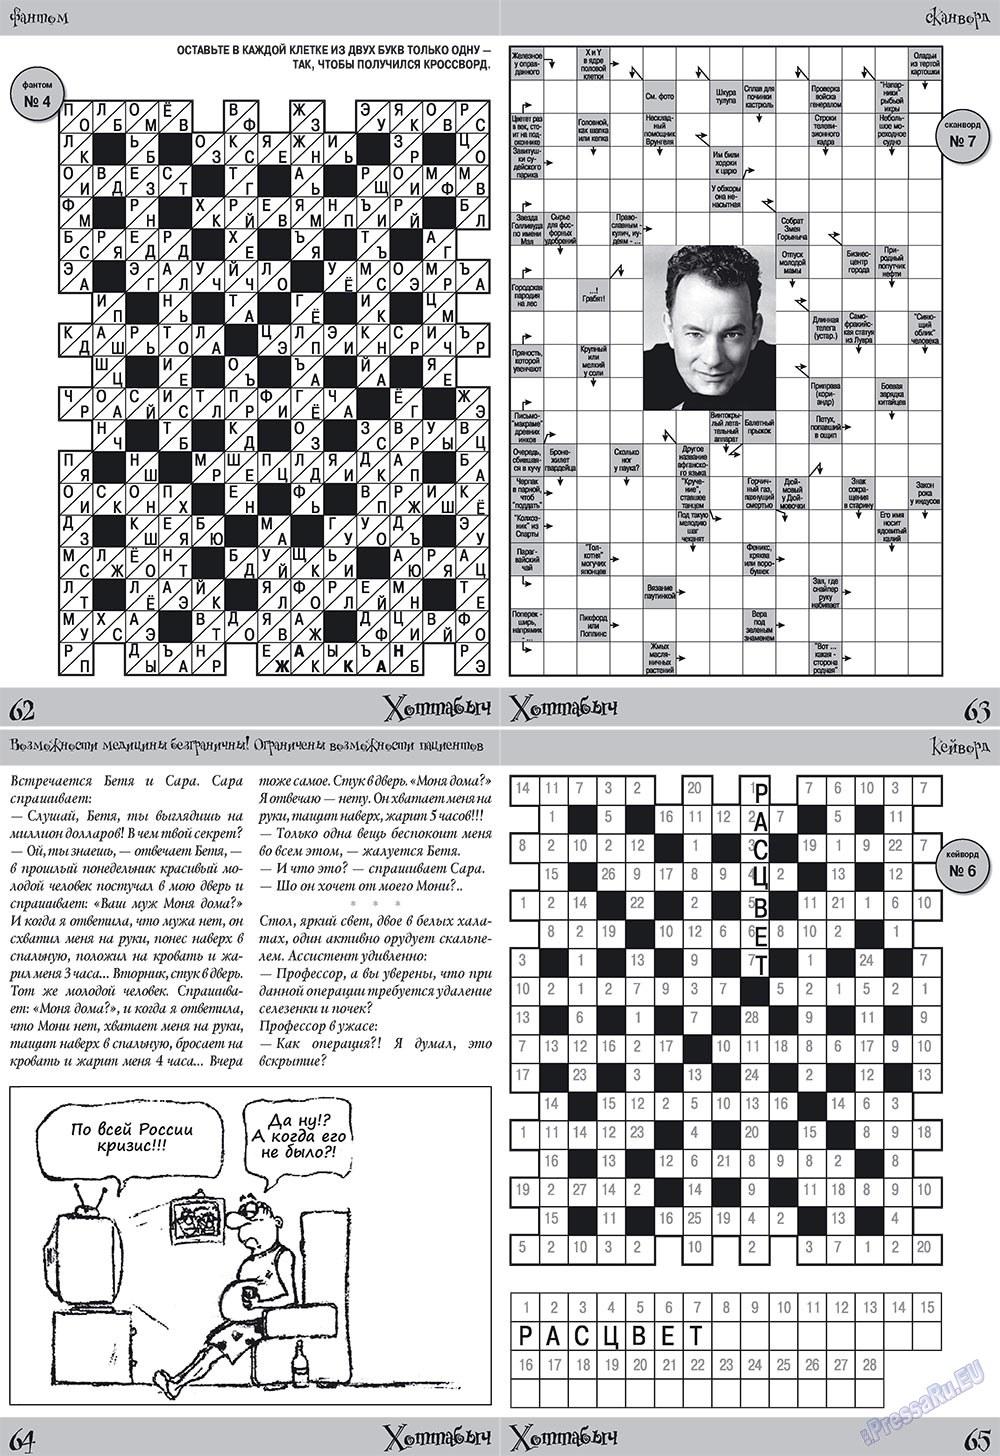 Хоттабыч (журнал). 2009 год, номер 11, стр. 17